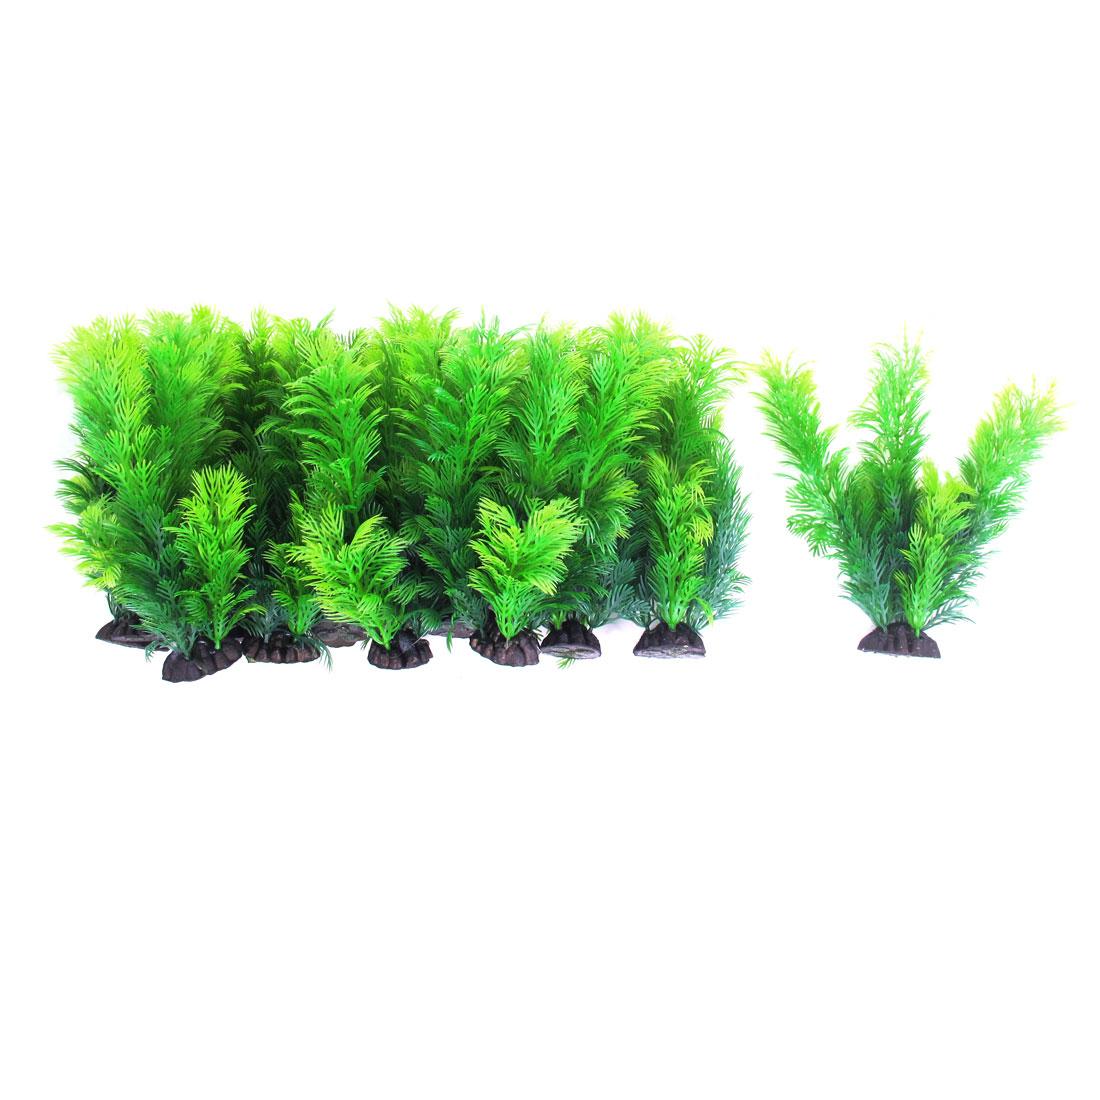 Aquarium Plastic Artificial Water Grass Plant Ornament 18cm Height 12pcs Green